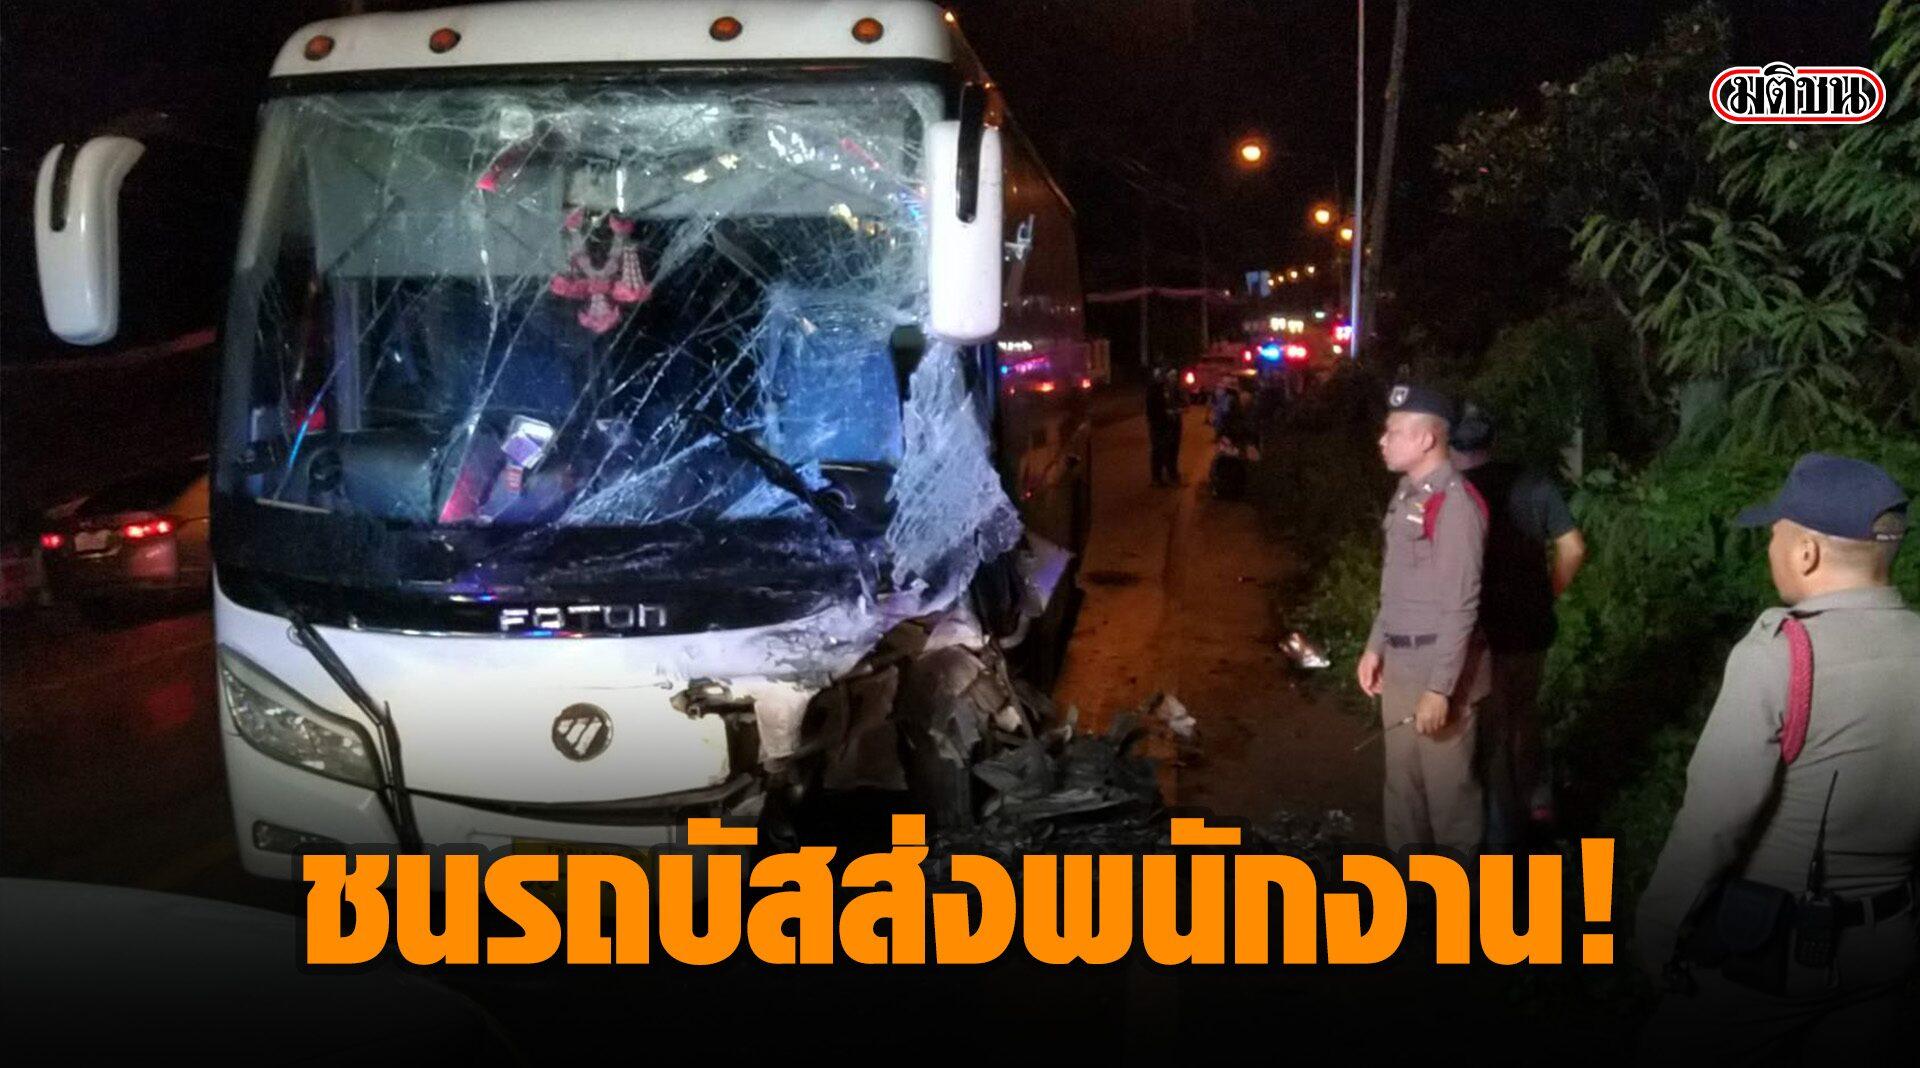 ระทึก! กระบะเสียหลักหมุนเคว้ง ข้ามเลนชนรถบัสรับ-ส่งพนักงาน คาดฝนตกถนนลื่น